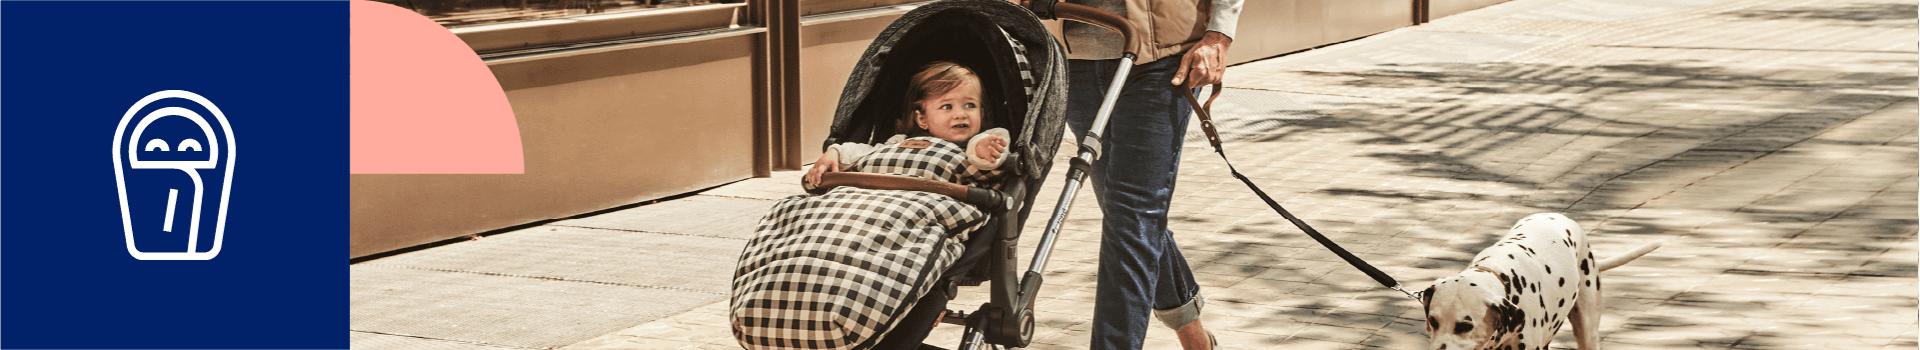 Accessori Passeggini Jané | Tutto per il passeggino del tuo bambino